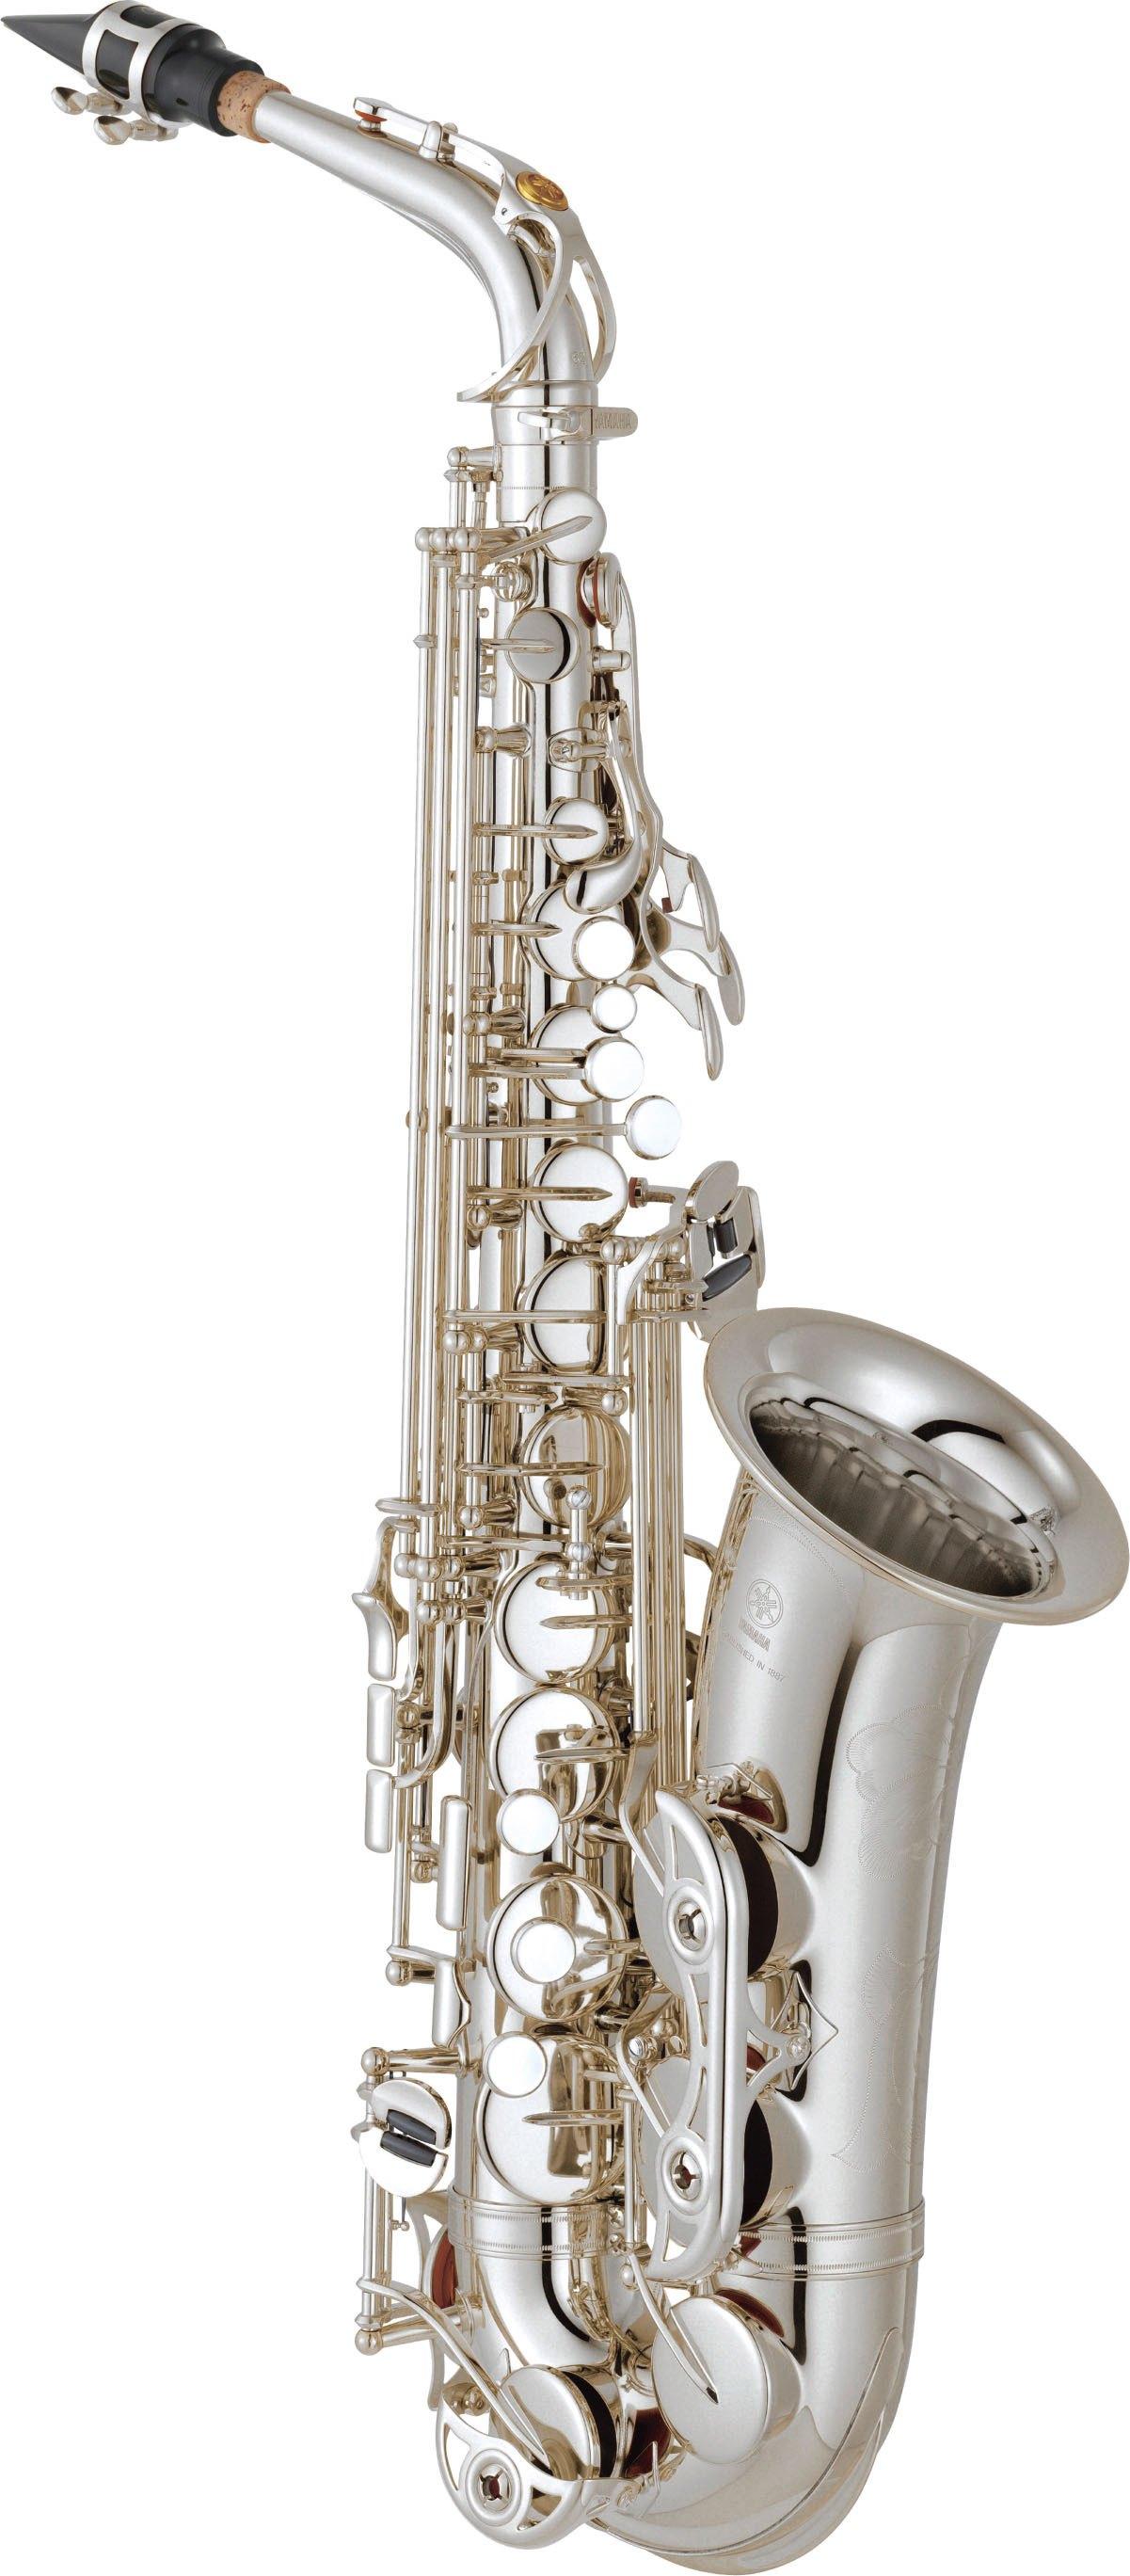 Yamaha - YAS-62-S - Holzblasinstrumente - Saxophone | MUSIK BERTRAM Deutschland Freiburg